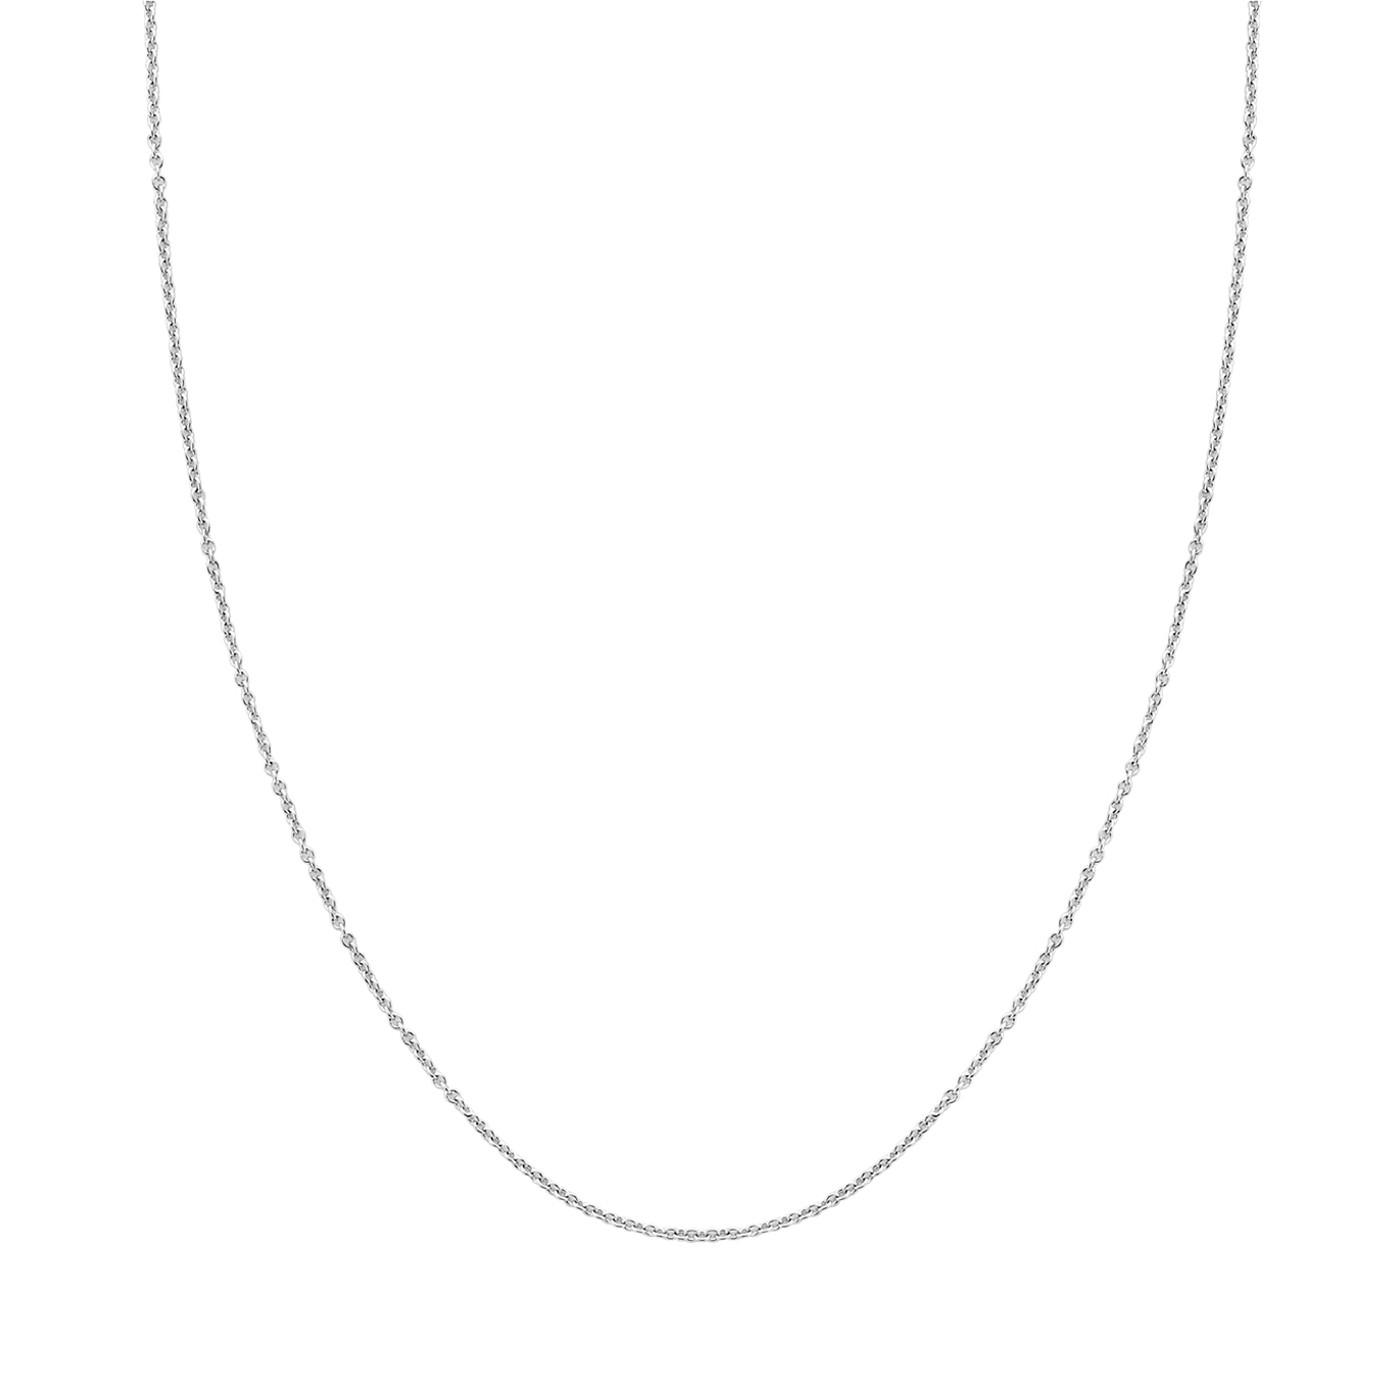 Blush 14 Karaat Witgouden Ketting 3046WGO (Lengte: 42.00-45.00 cm)